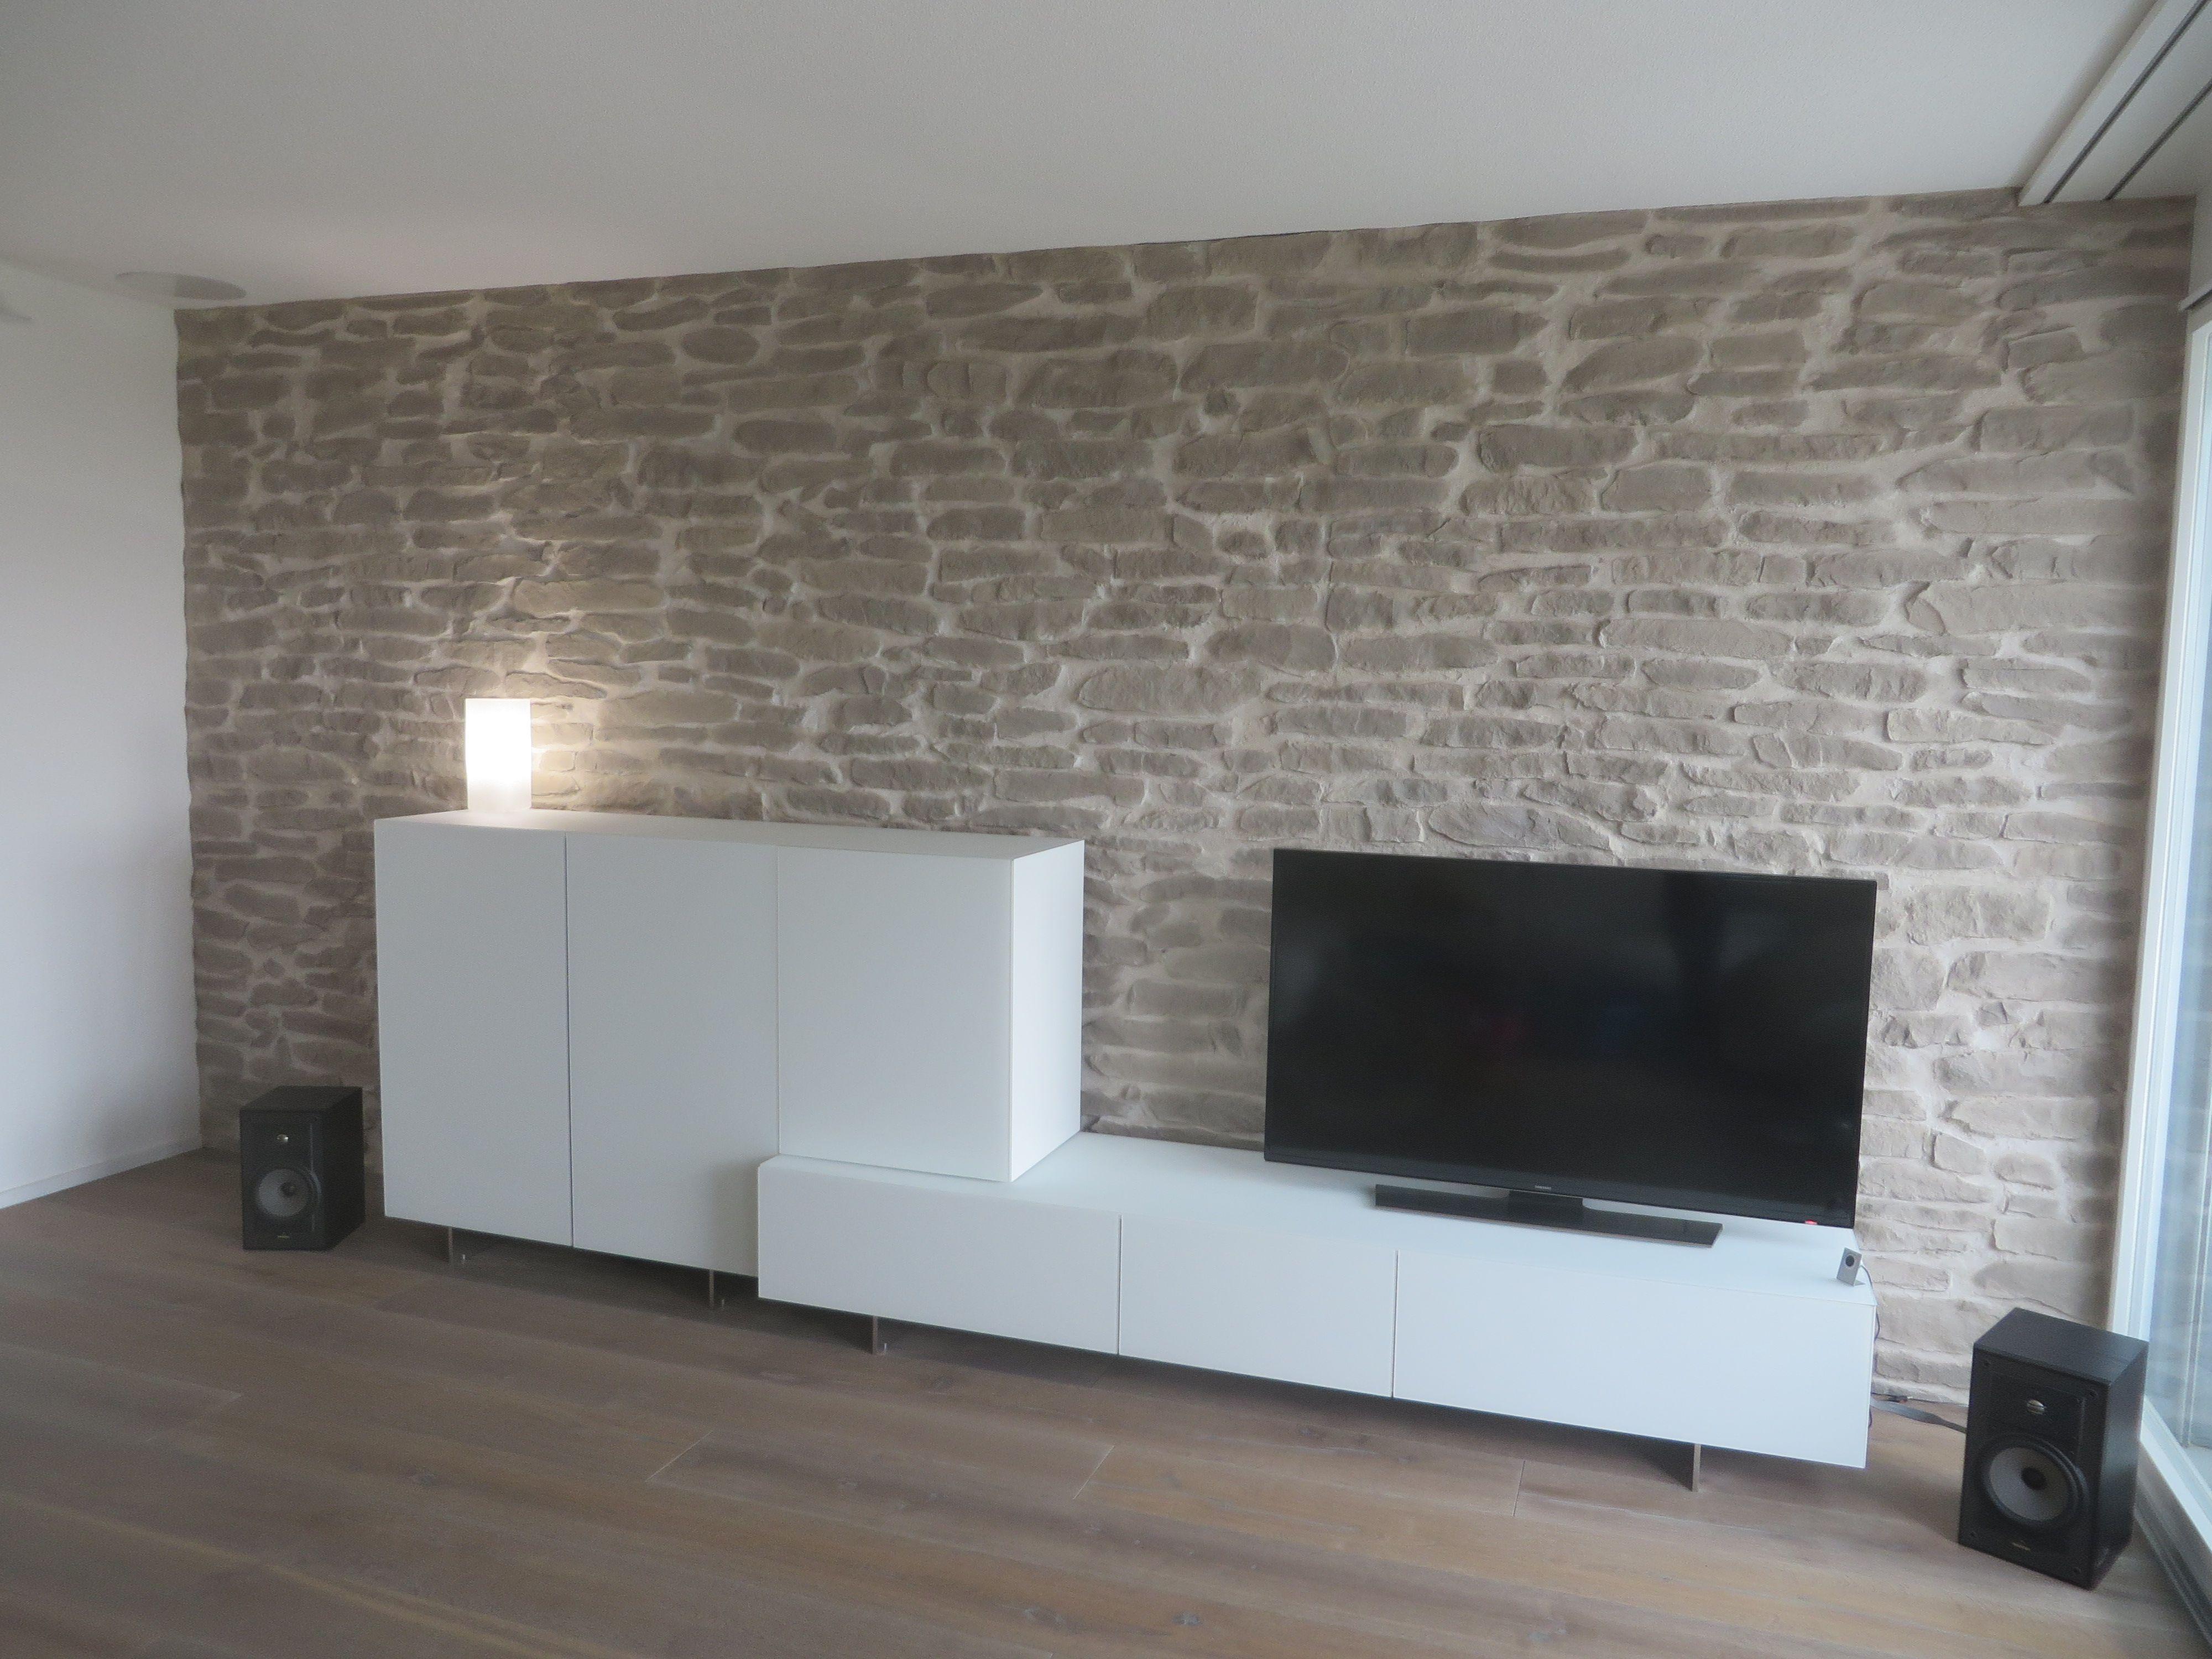 Wohnzimmerwand Steinoptik Lajas  Wohnzimmer  Wandgestaltung